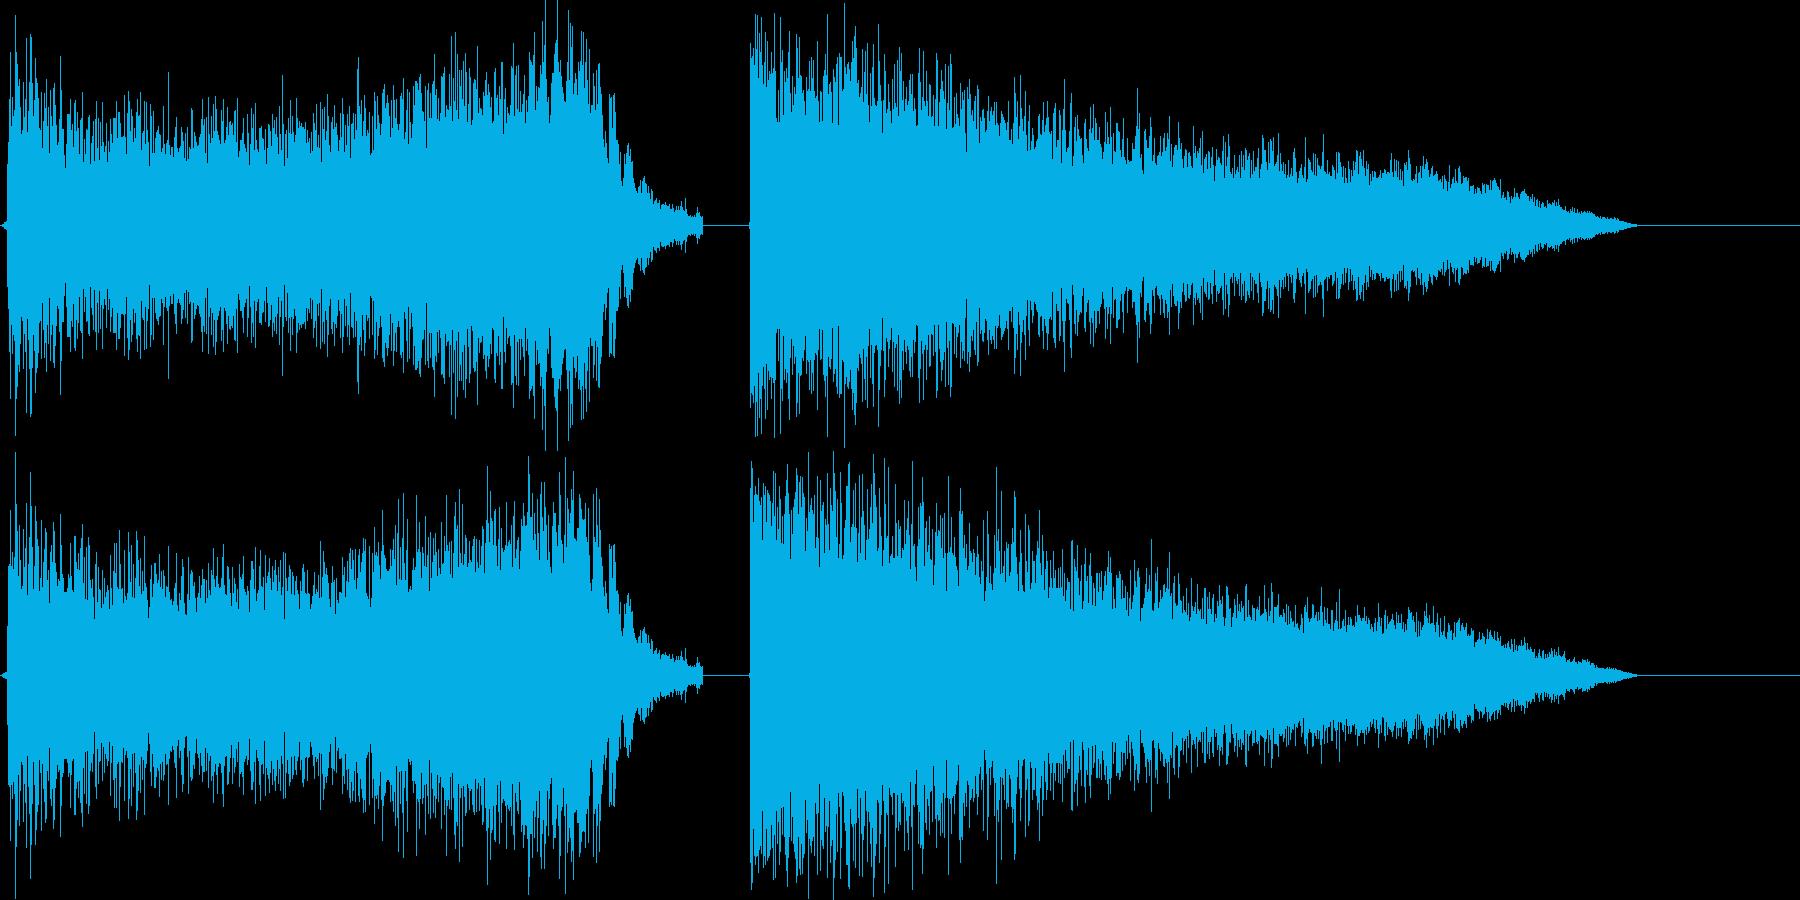 超強力なビームの再生済みの波形